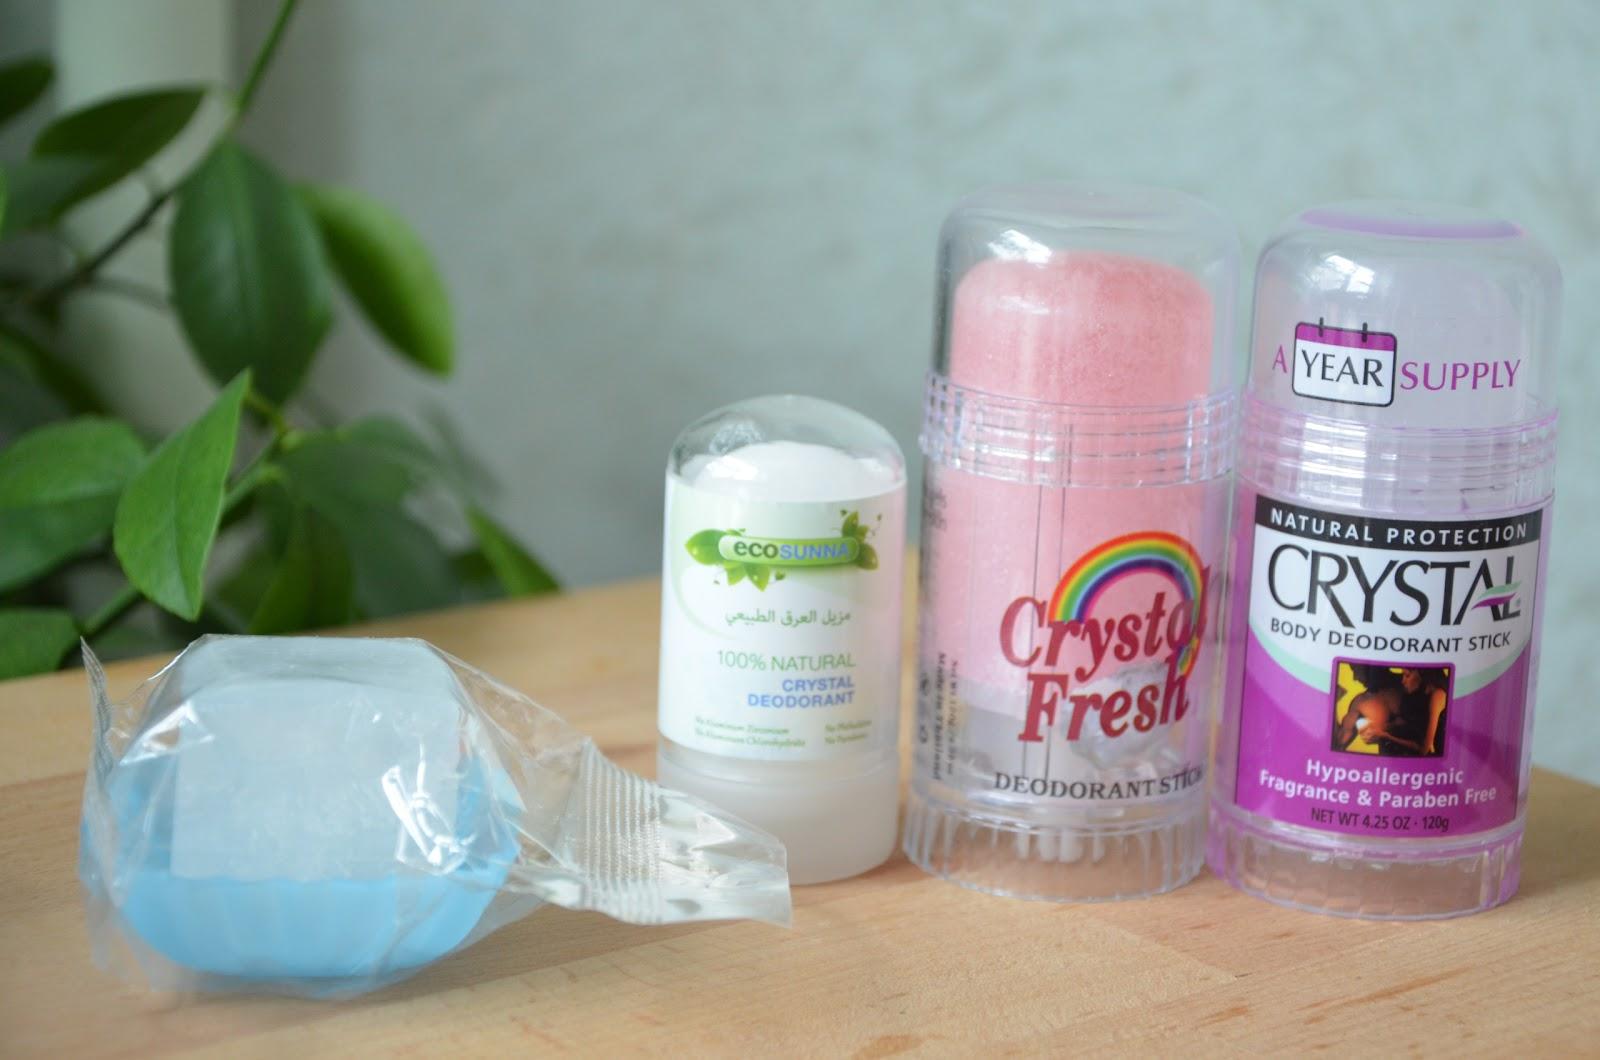 Минеральные дезодоранты EcoSunna, Crystal Body Deodorant, Crystal Fresh с экстрактом мангостина, Lafe's Natural Body Care